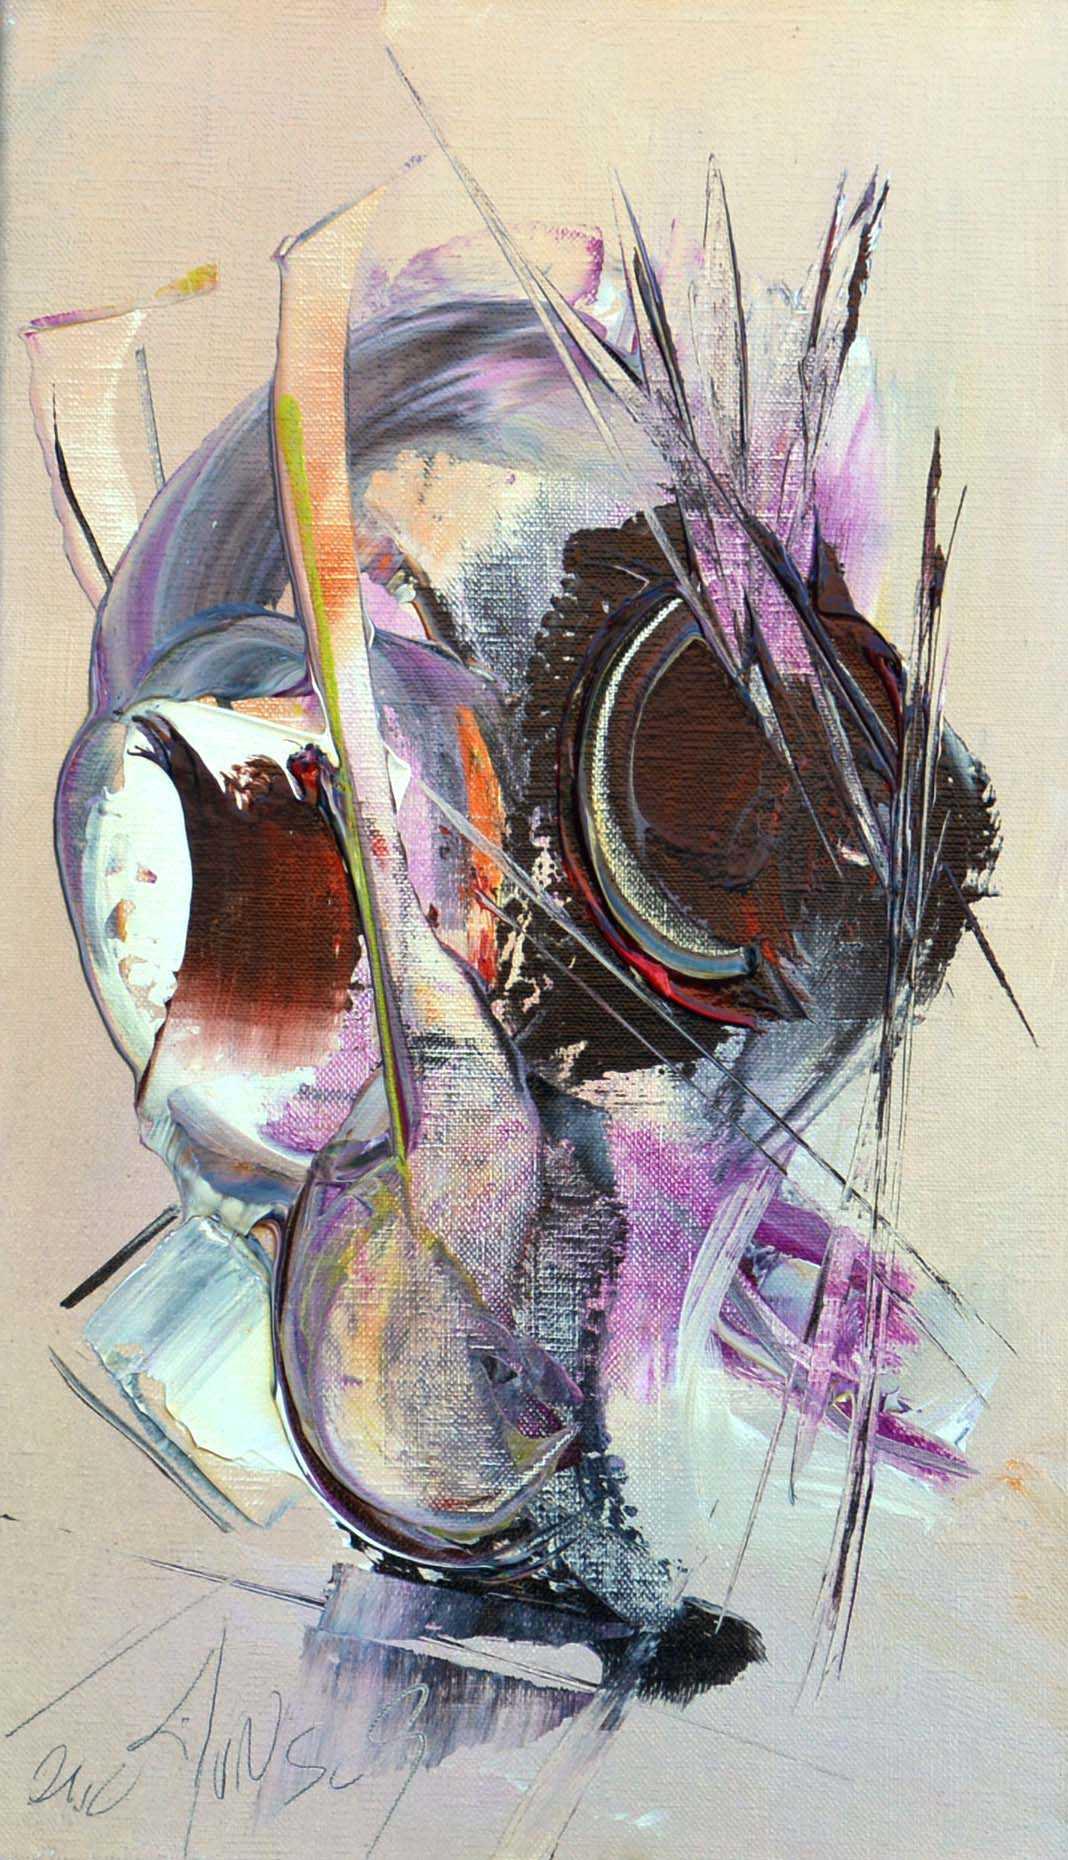 Comme un regard - Acrylique sur toile - 46x27 cm